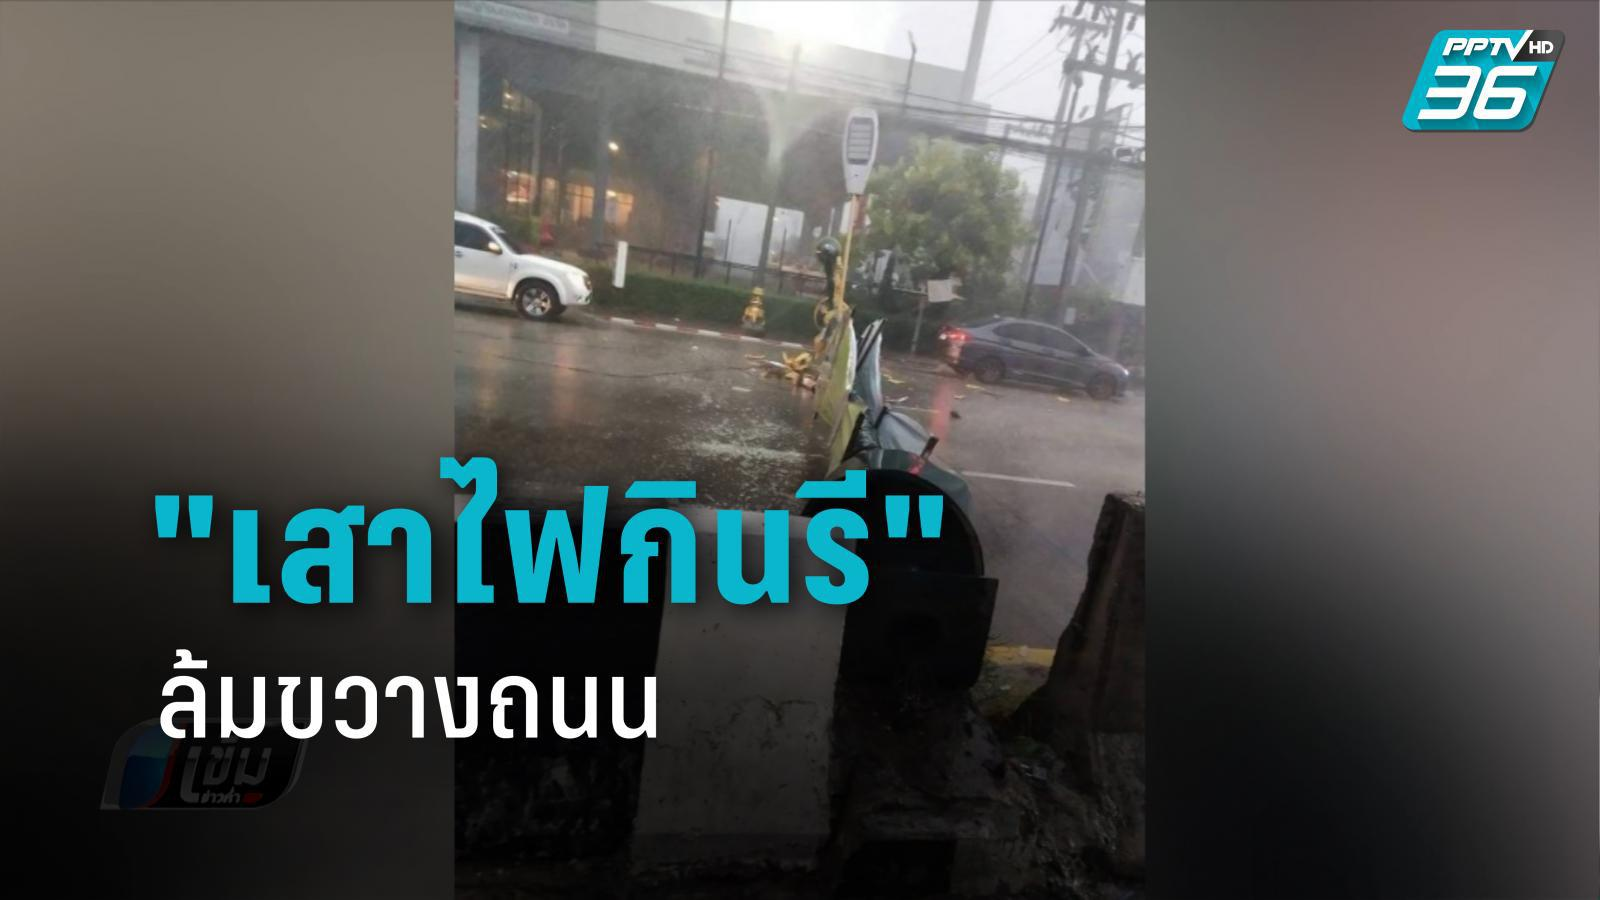 """ฝนตก """"เสาไฟกินรี"""" ล้มขวางถนน-รถติดยาว"""